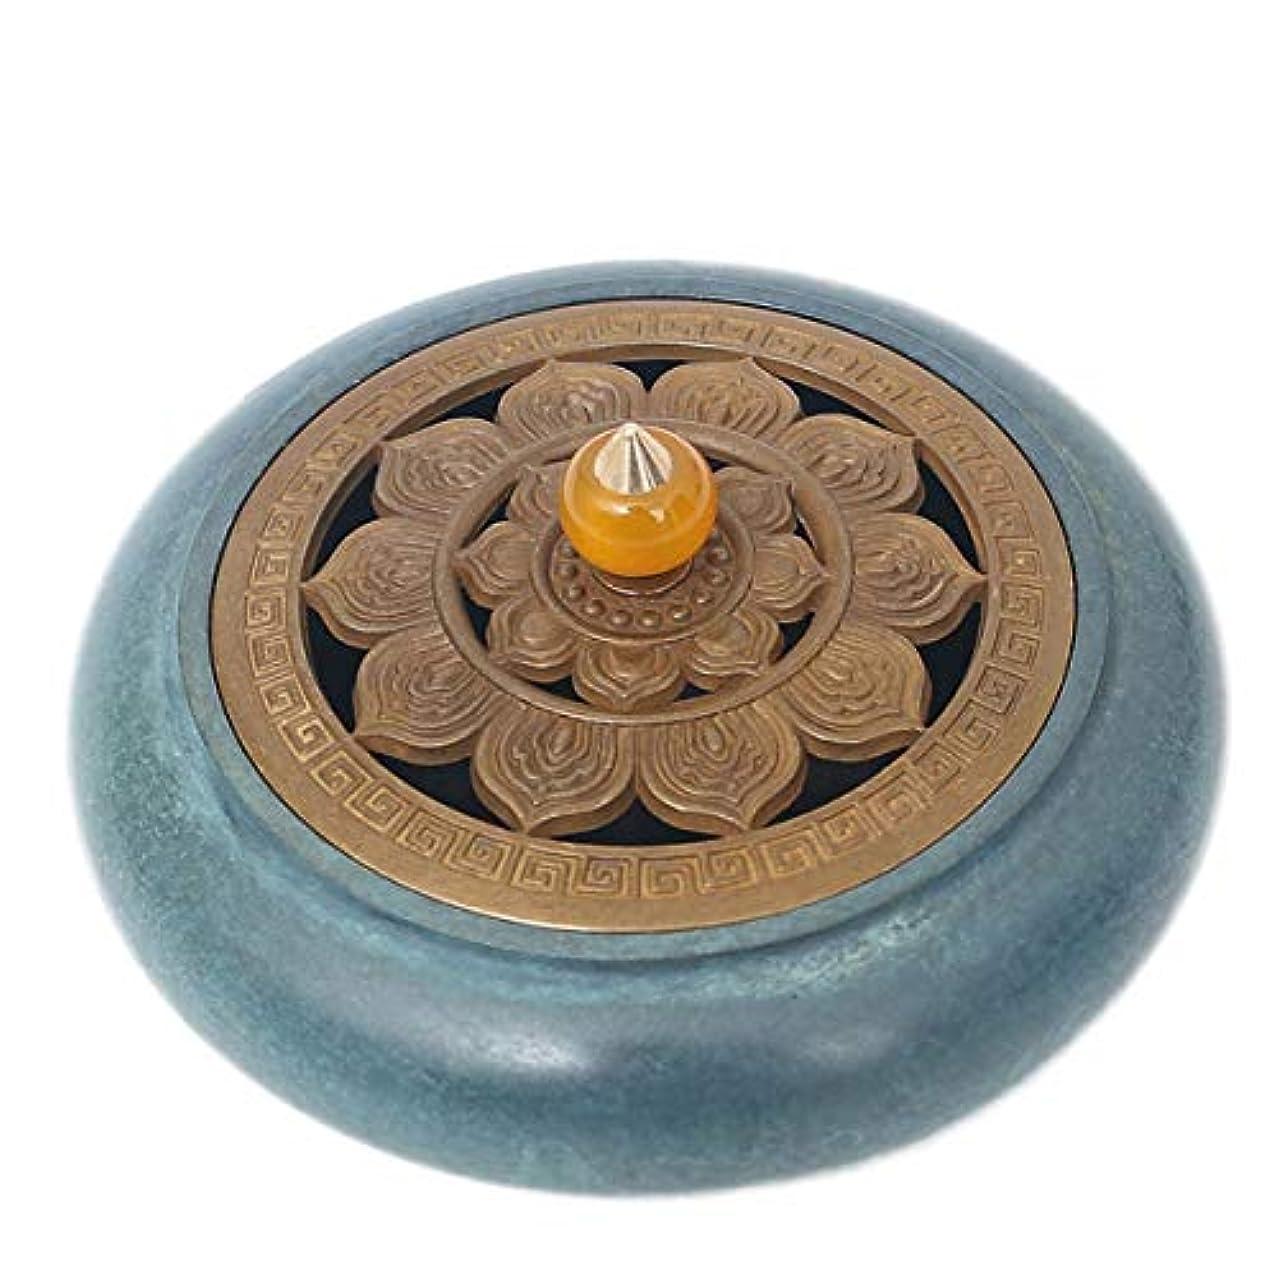 ポップ役に立たない呪われたコーン香バーナーと真鍮香スティックホルダー-中国銅装飾炭香炉-銅香灰キャッチャートレイボウル